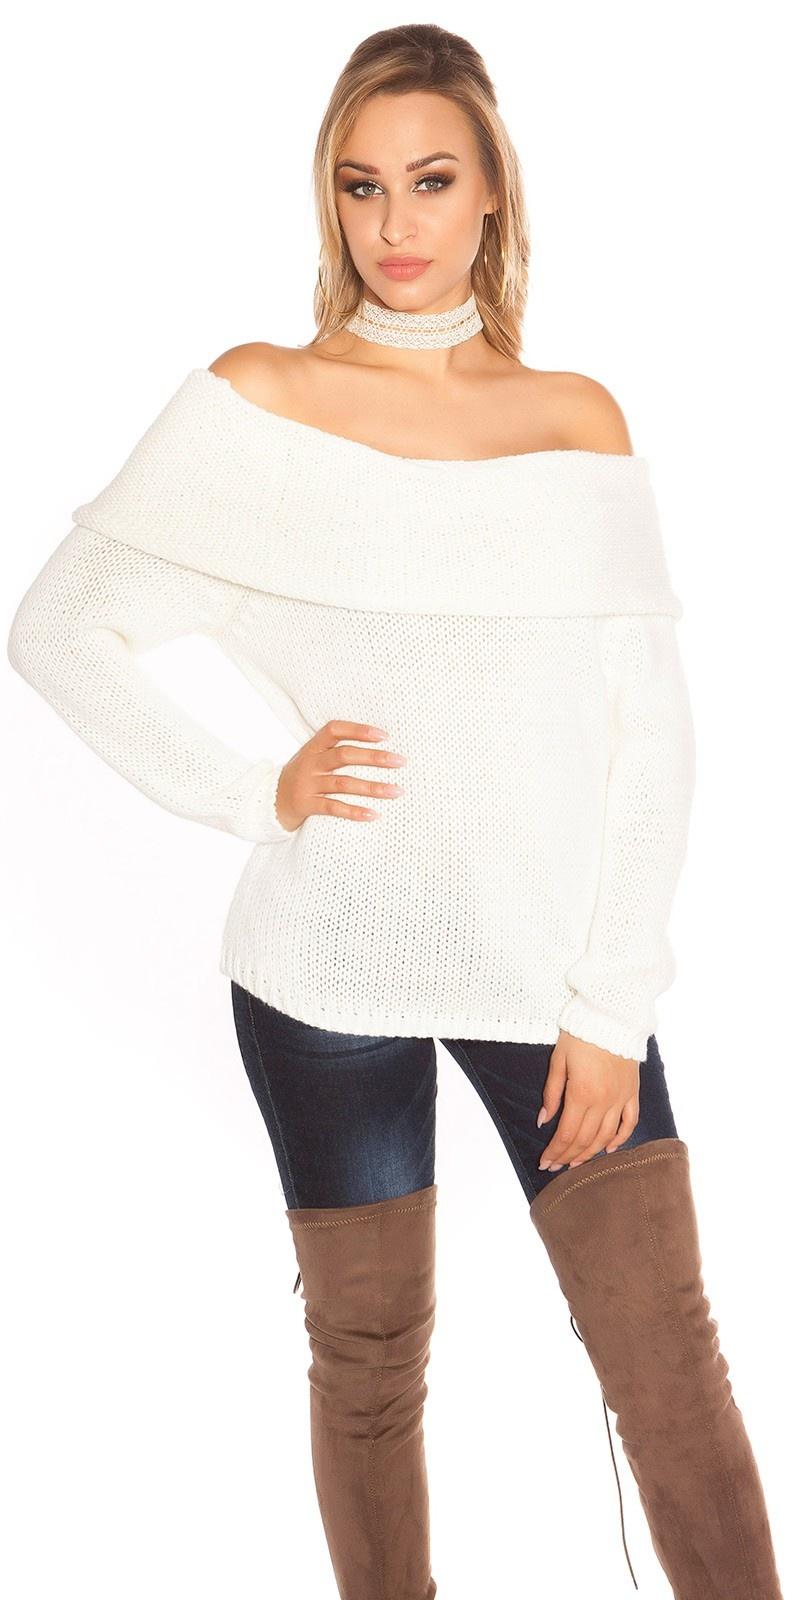 Sexy carmen halslijn gebreide sweater-trui wit